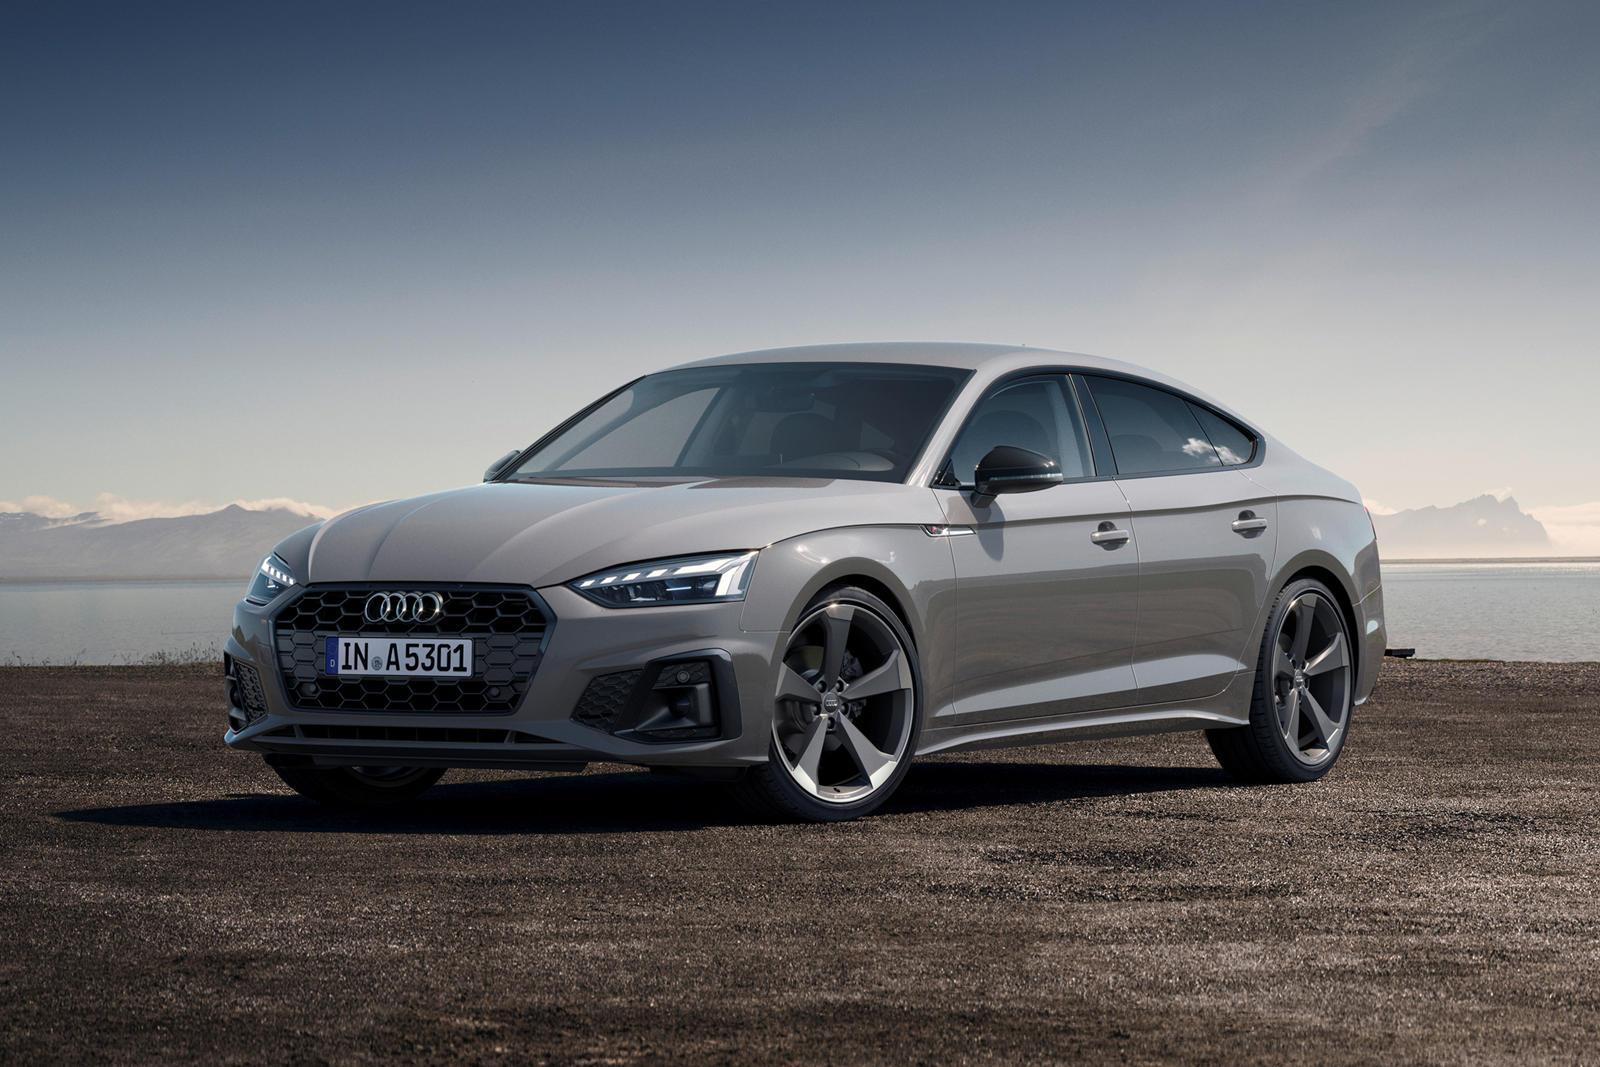 2021 Audi A5s Model